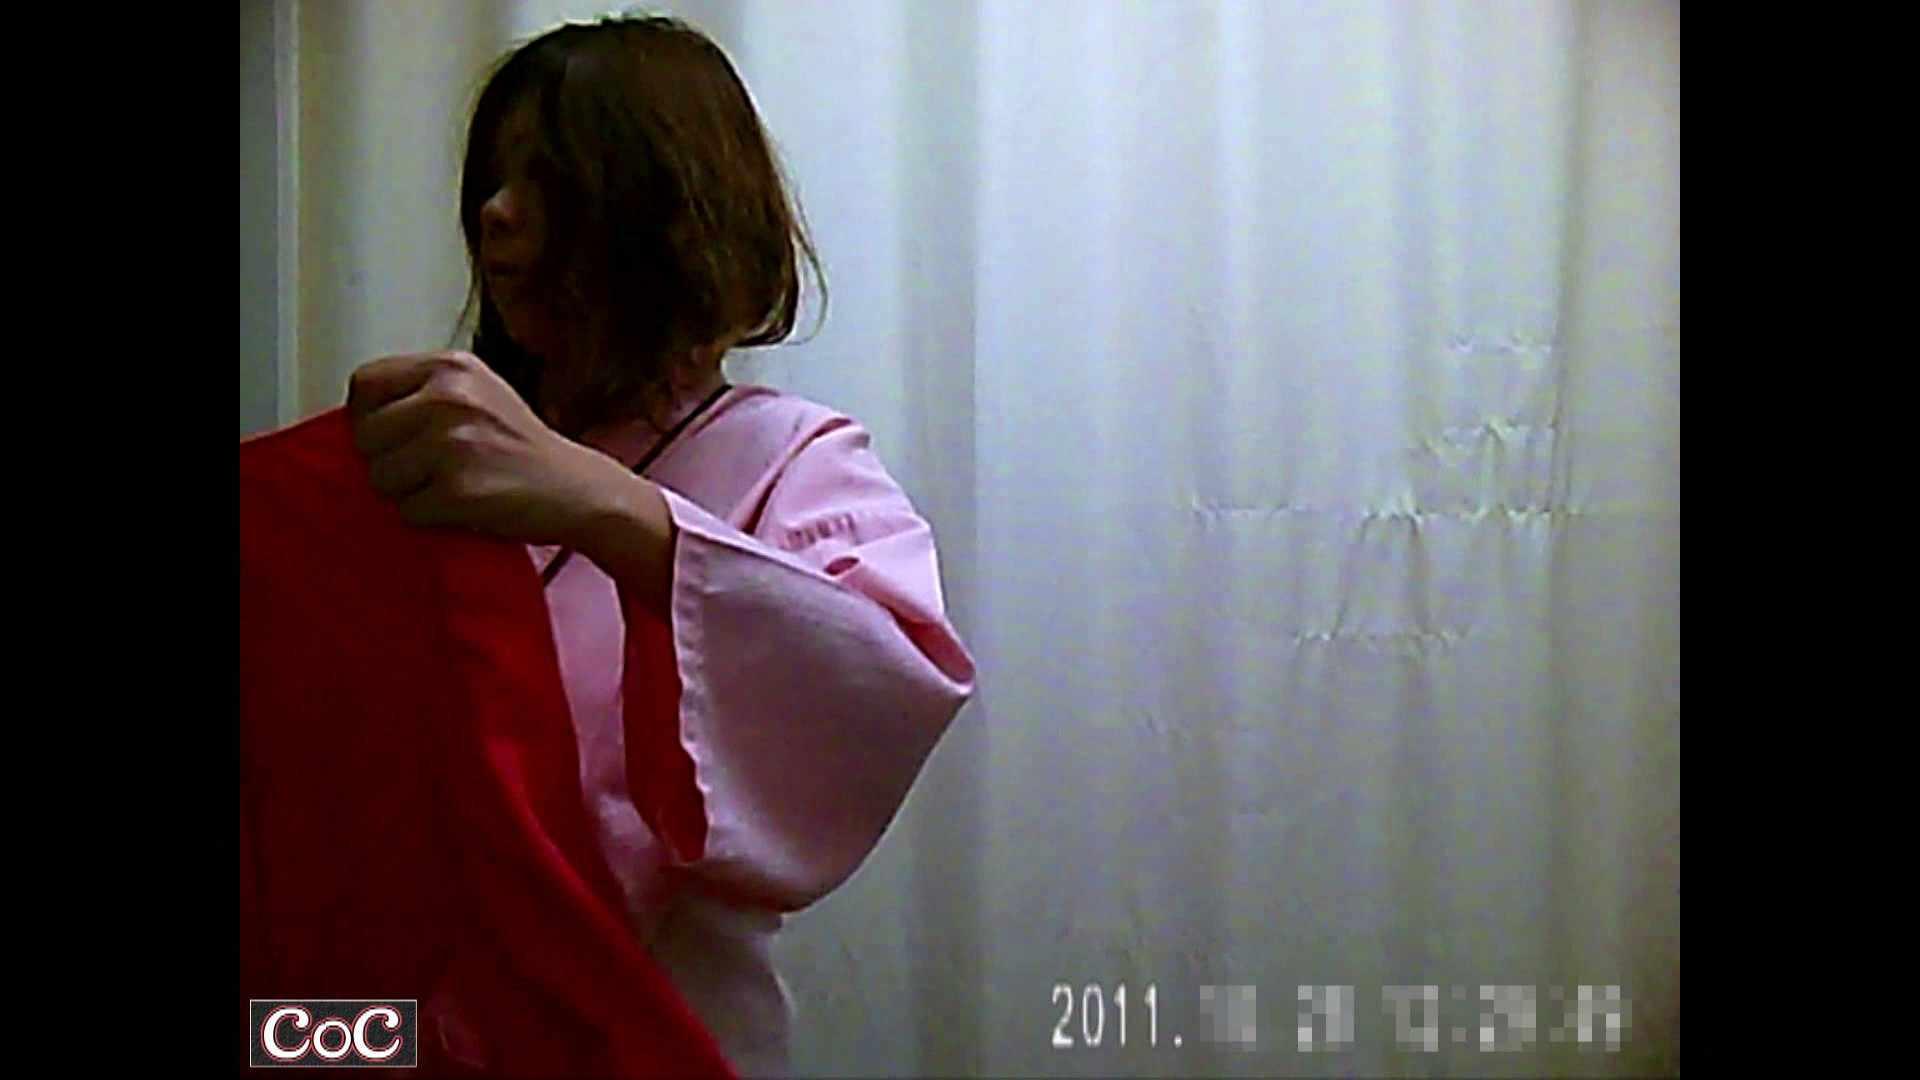 病院おもいっきり着替え! vol.75 巨乳 のぞき動画画像 107pic 5